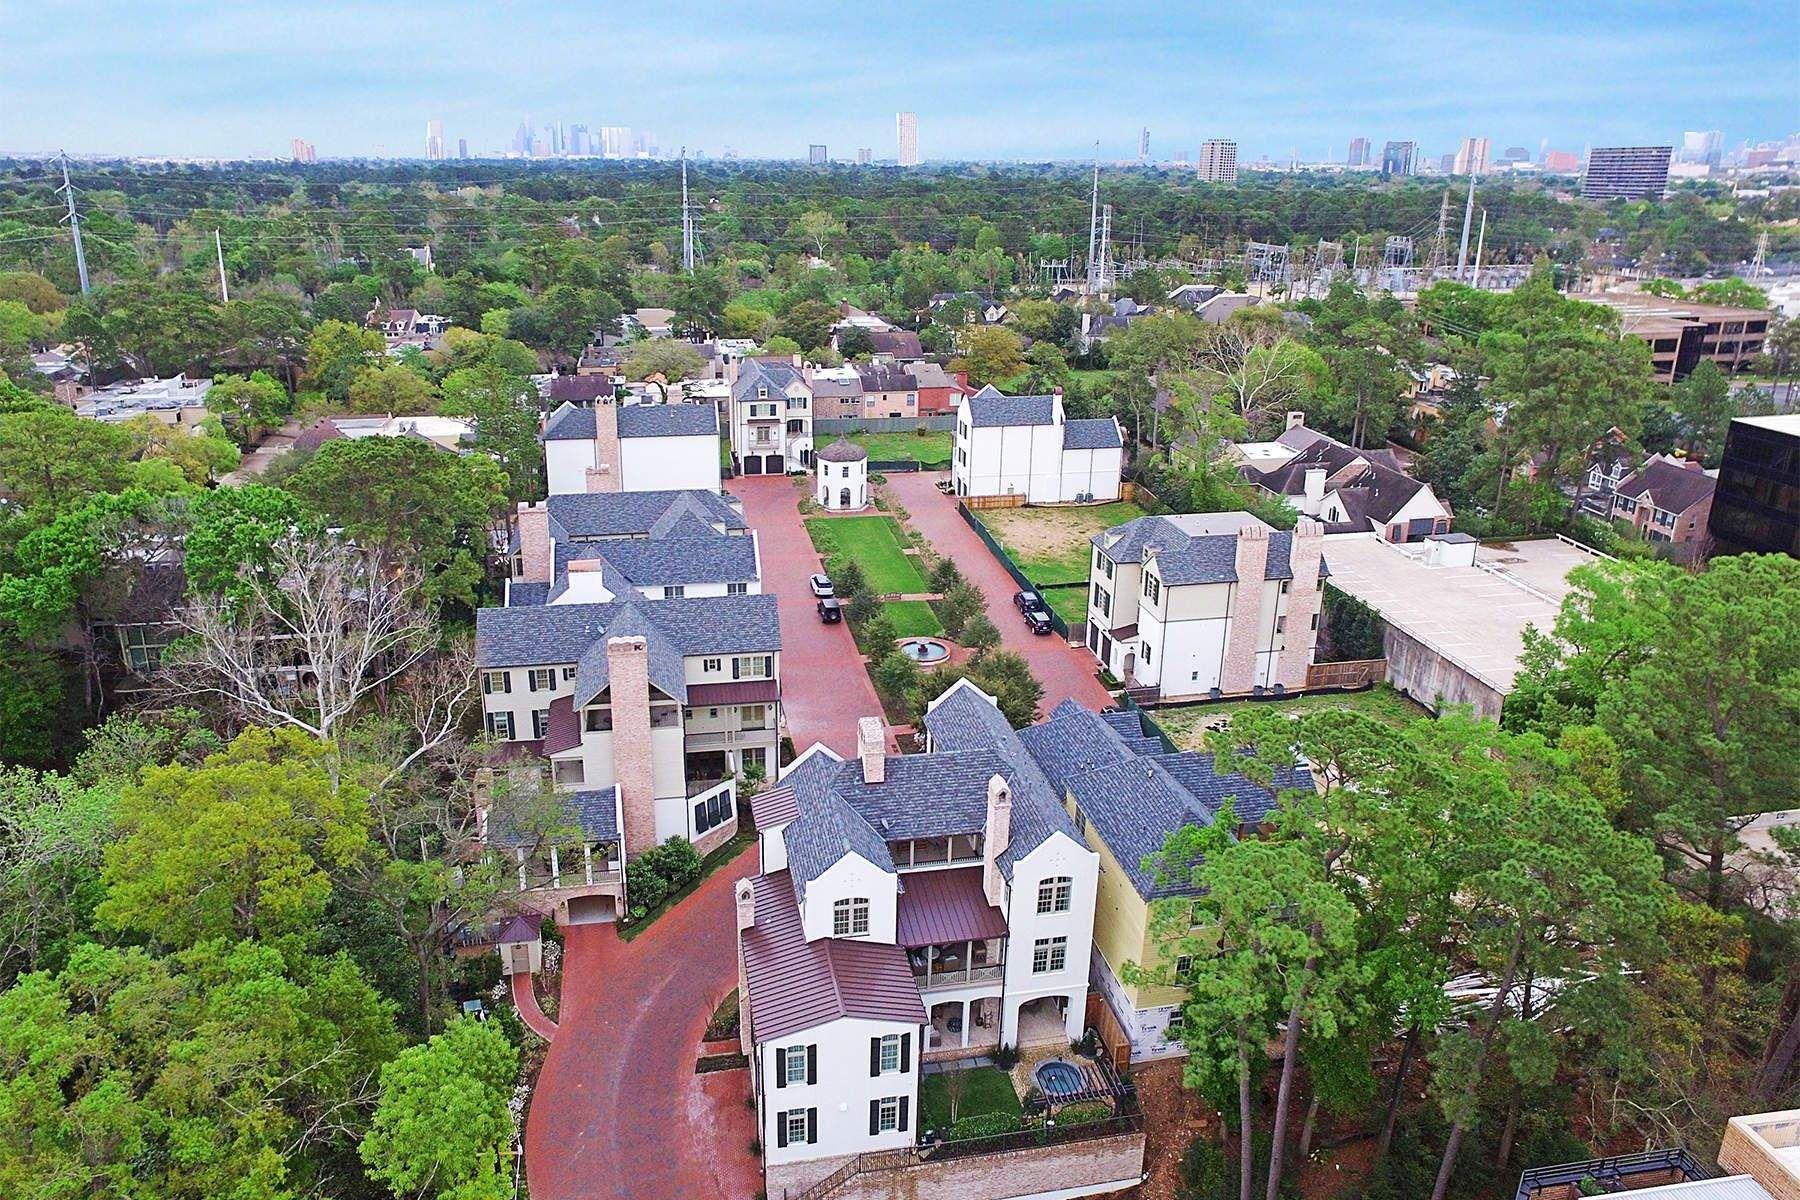 独户住宅 为 销售 在 28 Audubon Hollow 休斯顿, 得克萨斯州, 77027 美国